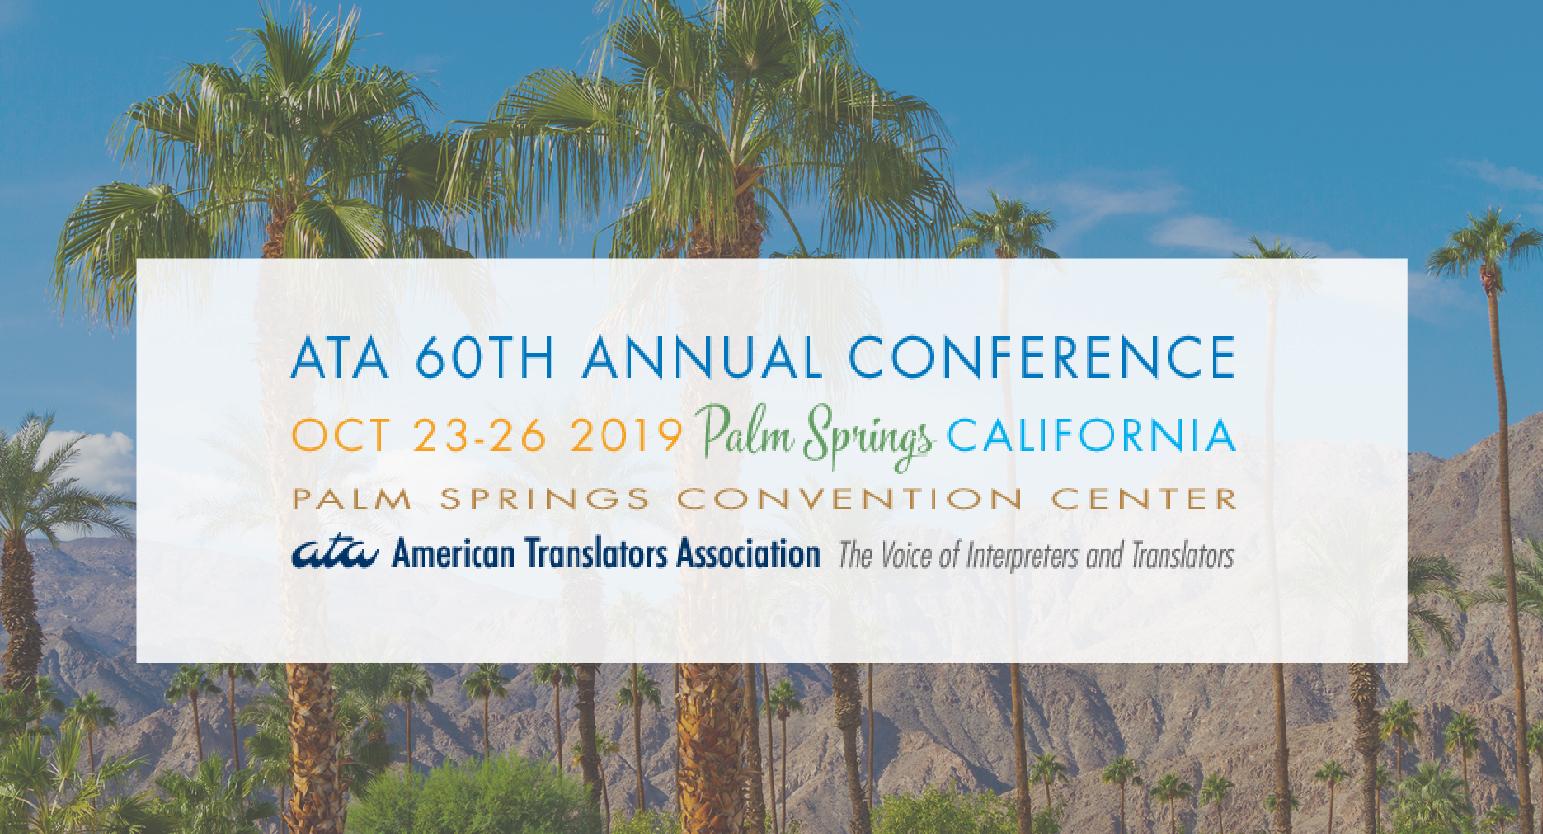 NLG at ATA60 conference